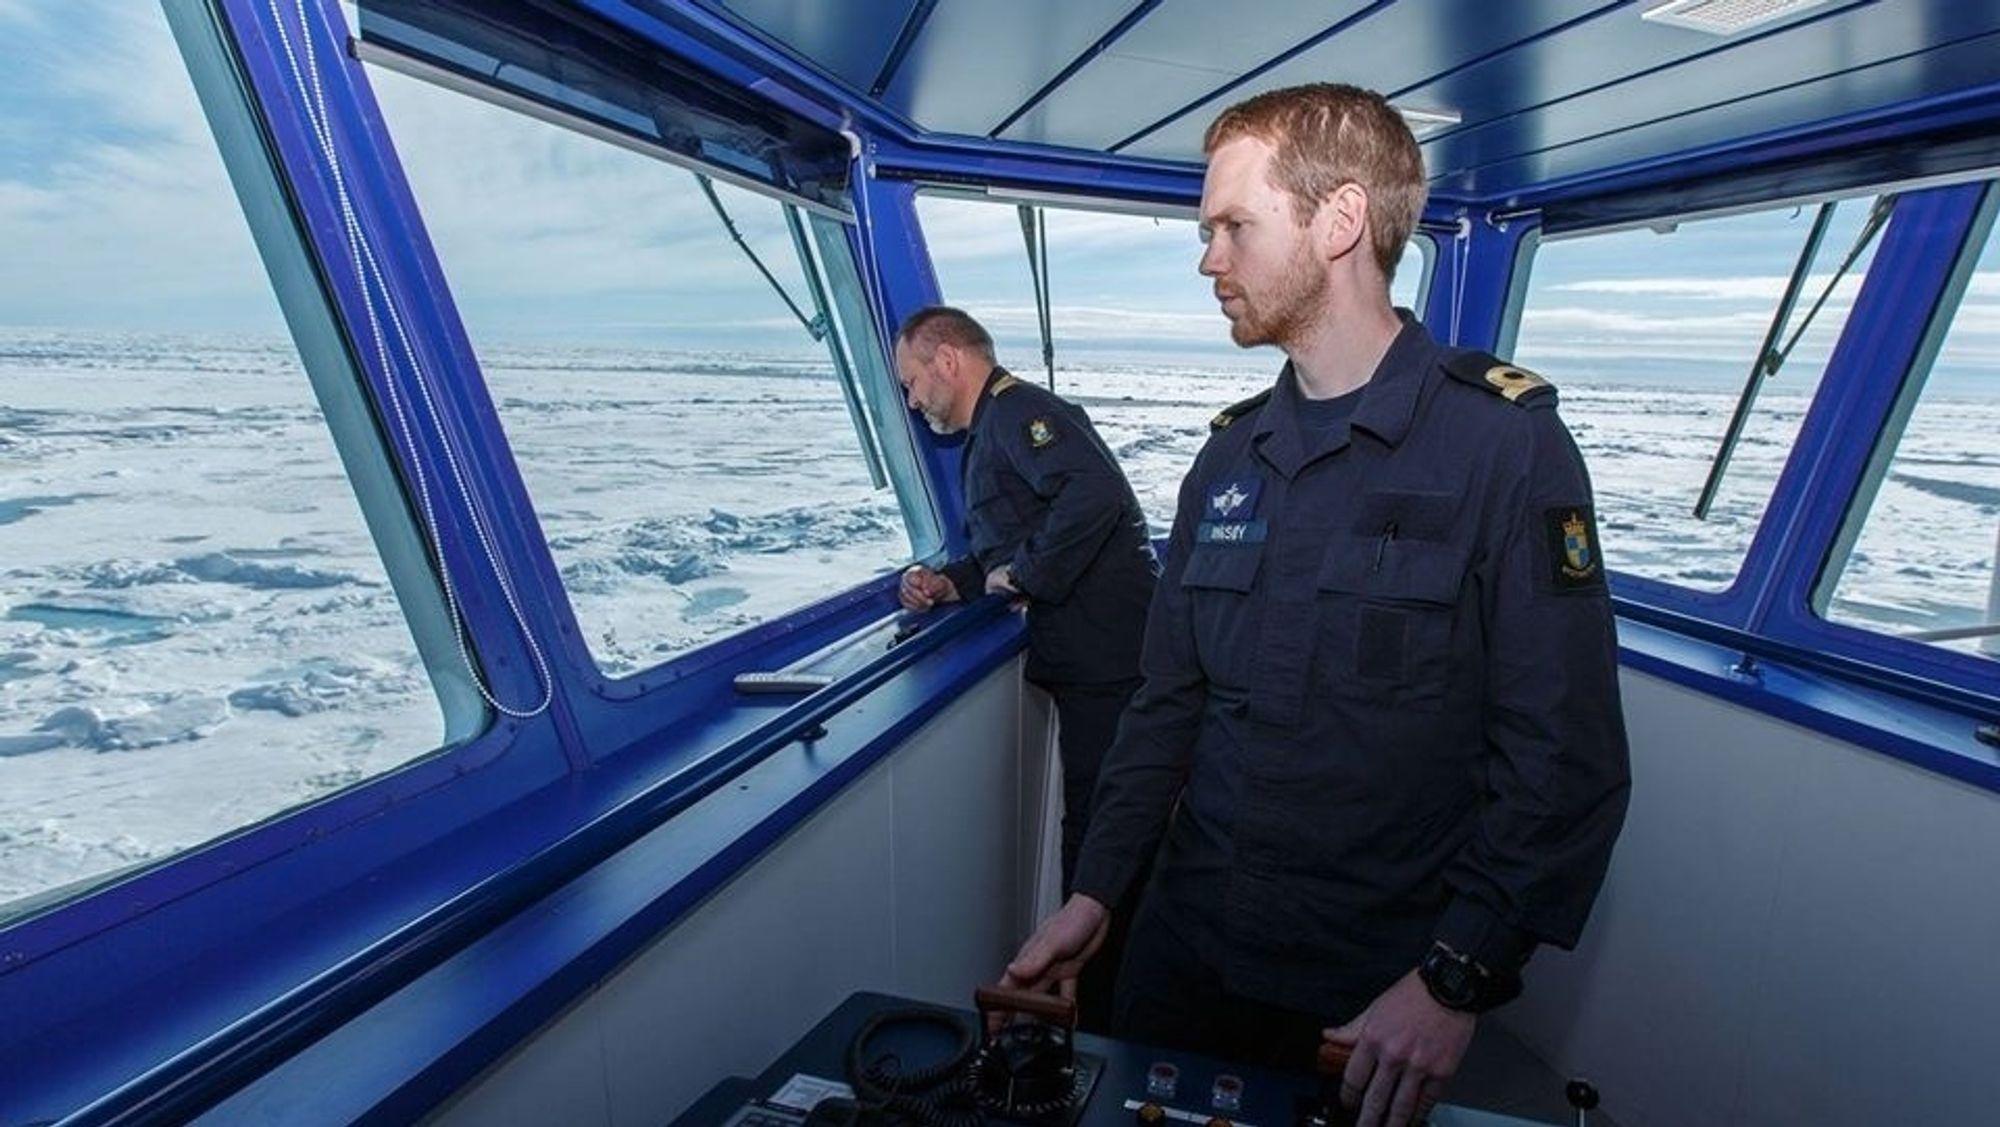 Andreas Ingsøy om bord på KV Svalbard der han tjenestegjorde i flere år. Nå har han tatt mastergrad i «Martime Management - Technical Specialization» ved Universitetet i Sørøst. Der påpeker han at mannskap på elektriske og hybride fartøy har for lite kunnskap om det elektriske systemet og håndtering av feil.